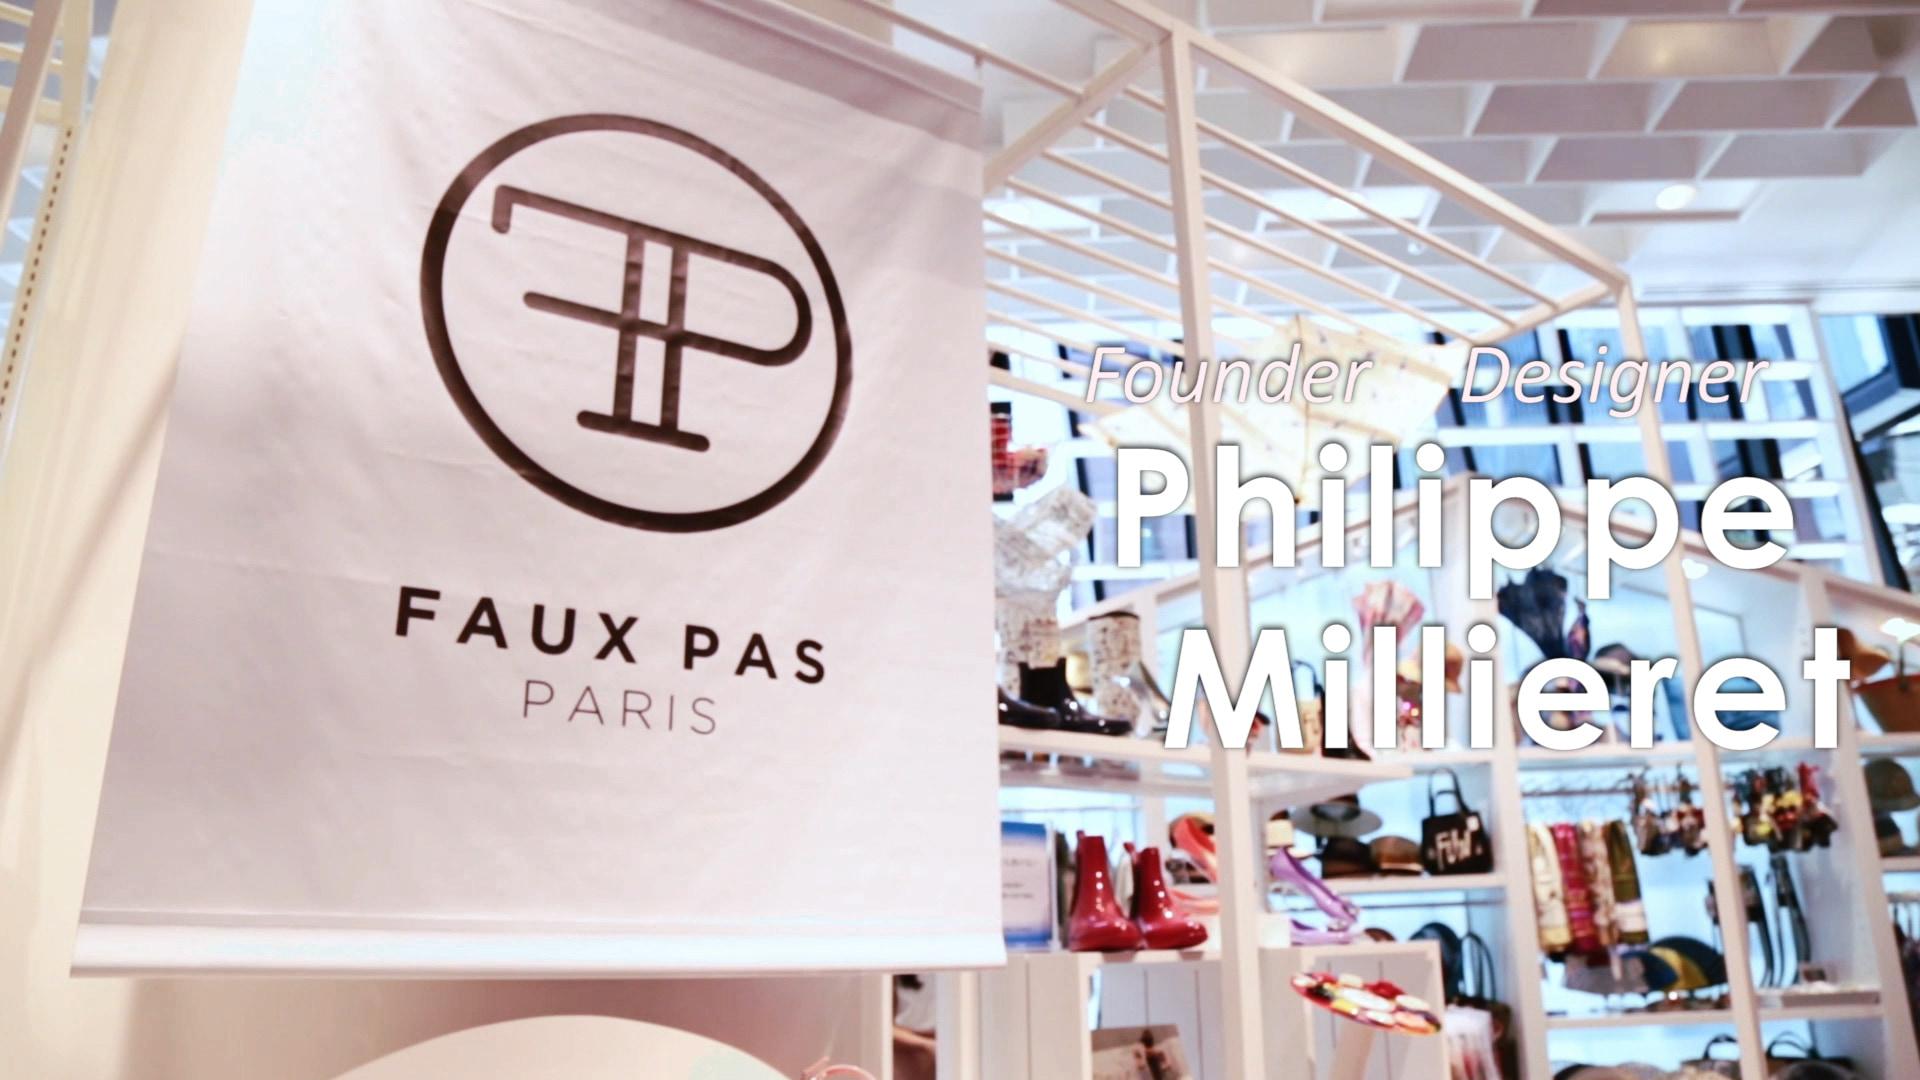 【Paris発】シューズブランド『Faux Pas Paris』デザイナーに聞いたブランド誕生秘話